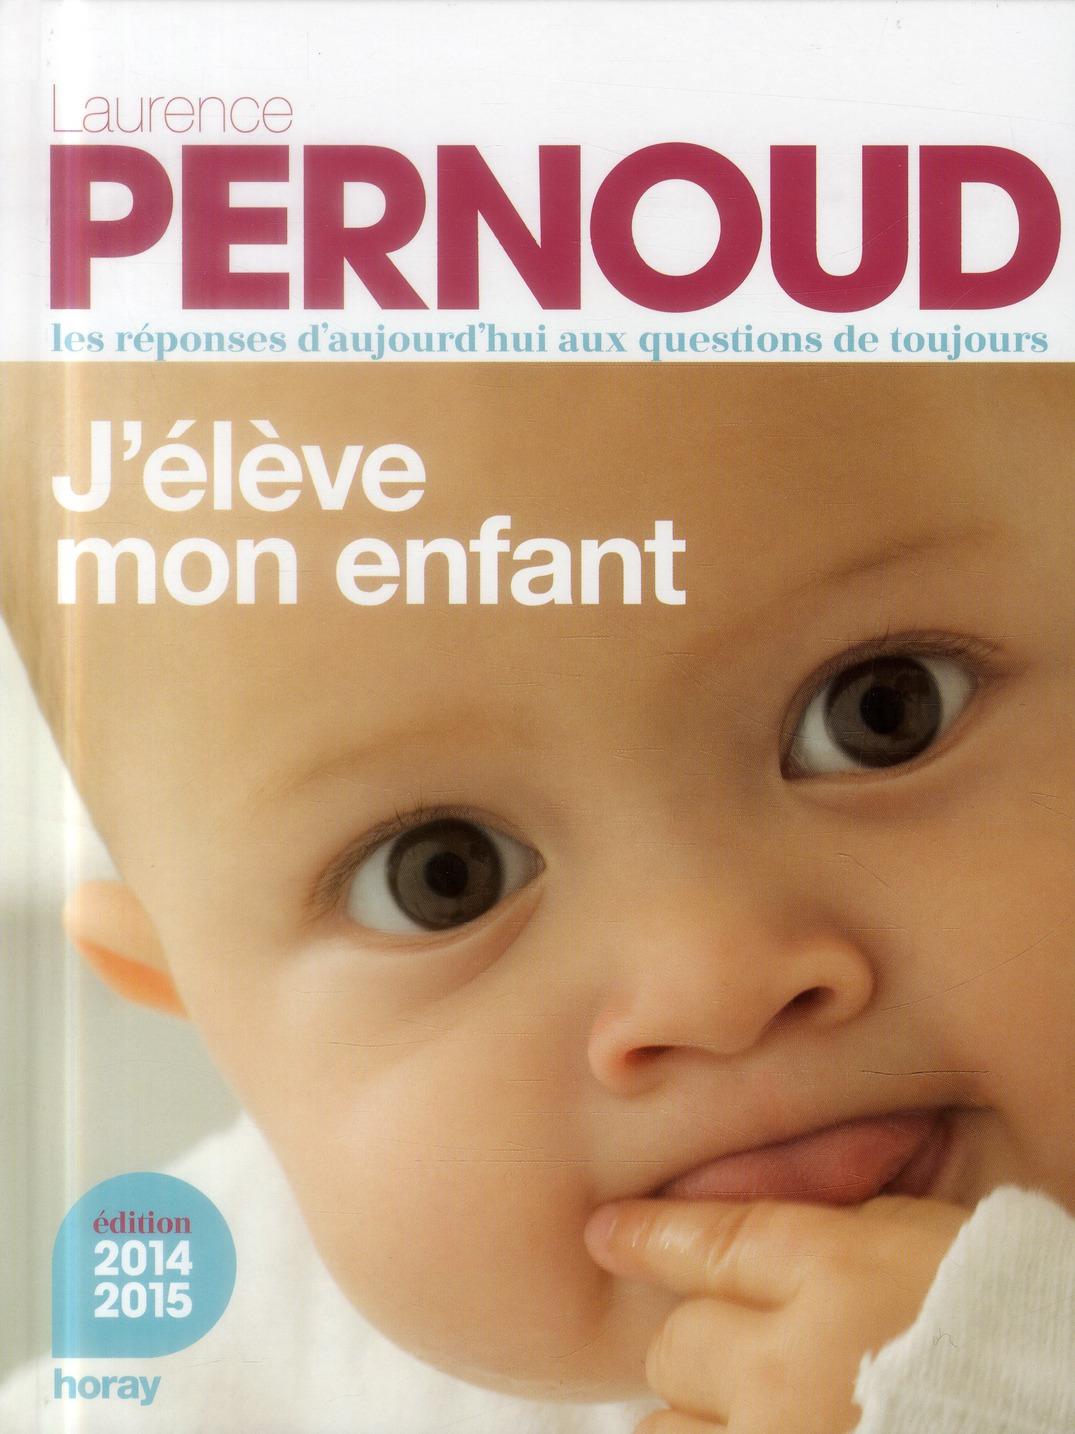 J'ELEVE MON ENFANT 2014 2015